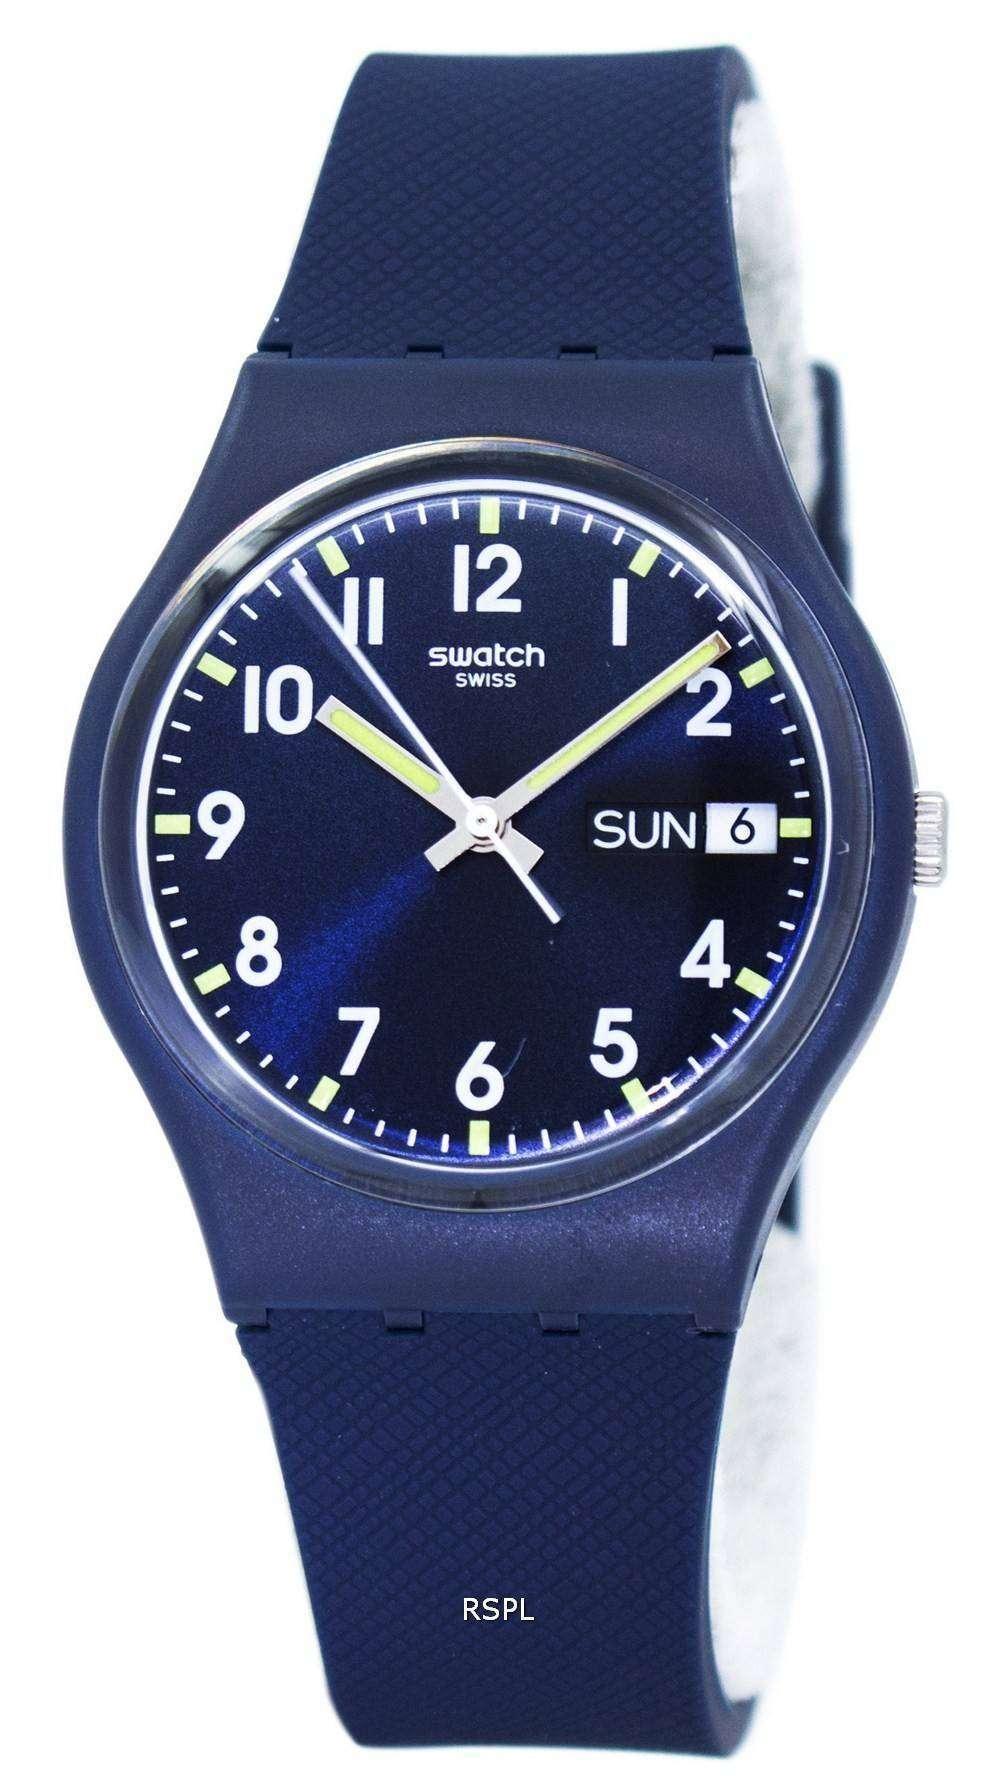 スウォッチ オリジナル サー ブルー クオーツ GN718 ユニセックス腕時計